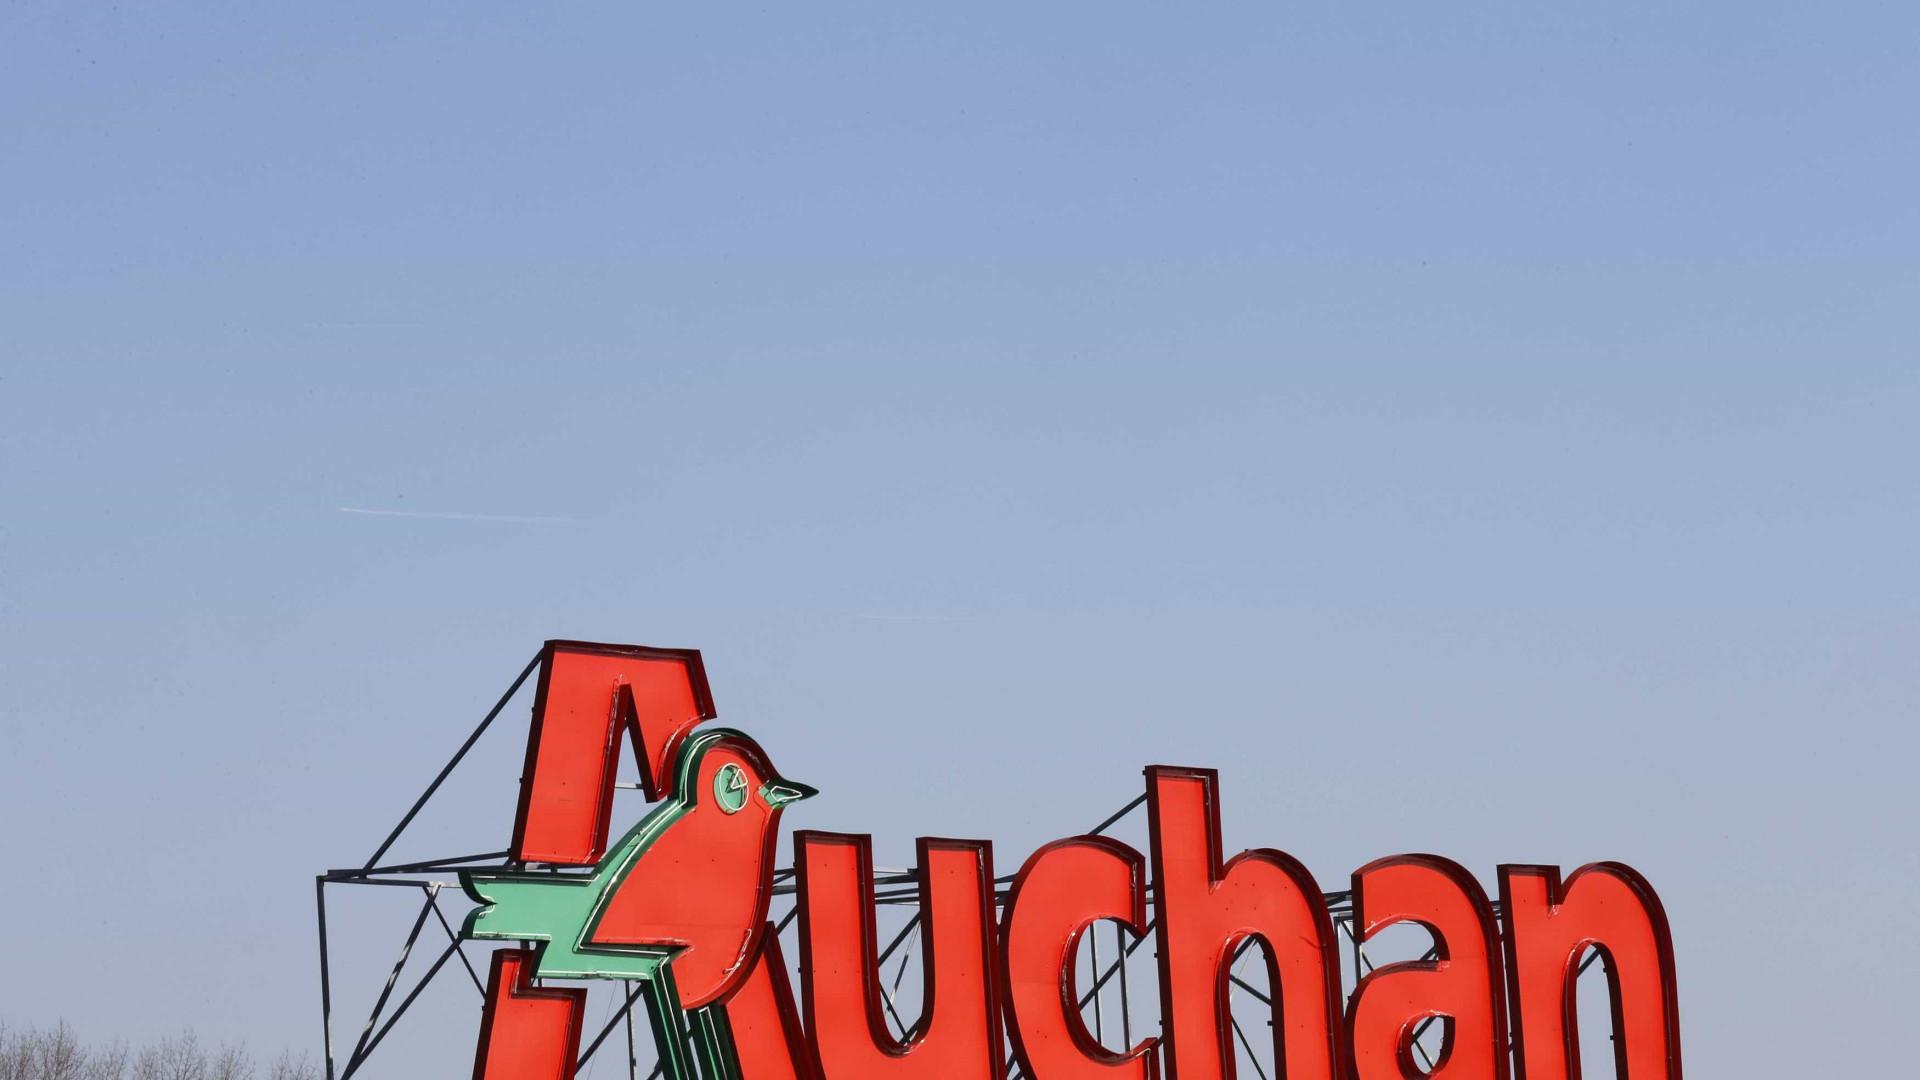 Concorrência aprova compra de três centros comerciais pela Auchan